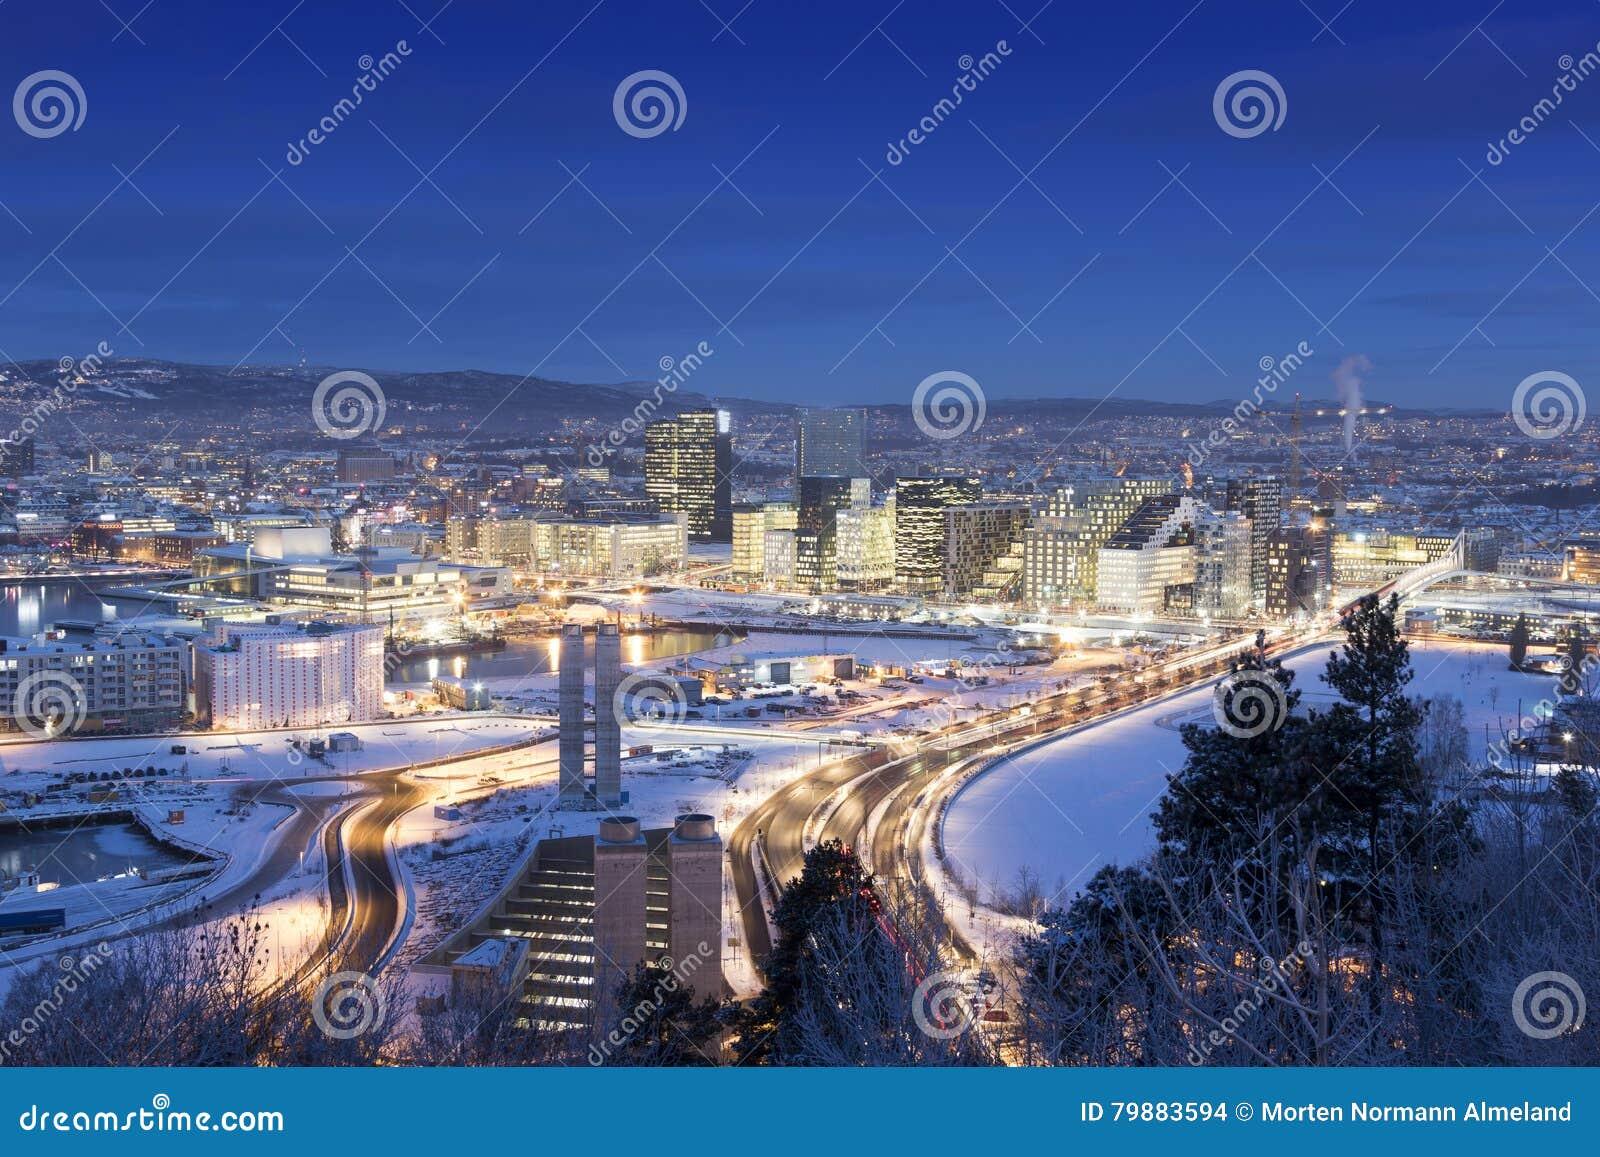 Foto Di Natale Neve Inverno 94.Mattina Di Inverno Dell Orizzonte Di Oslo Immagine Stock Editoriale